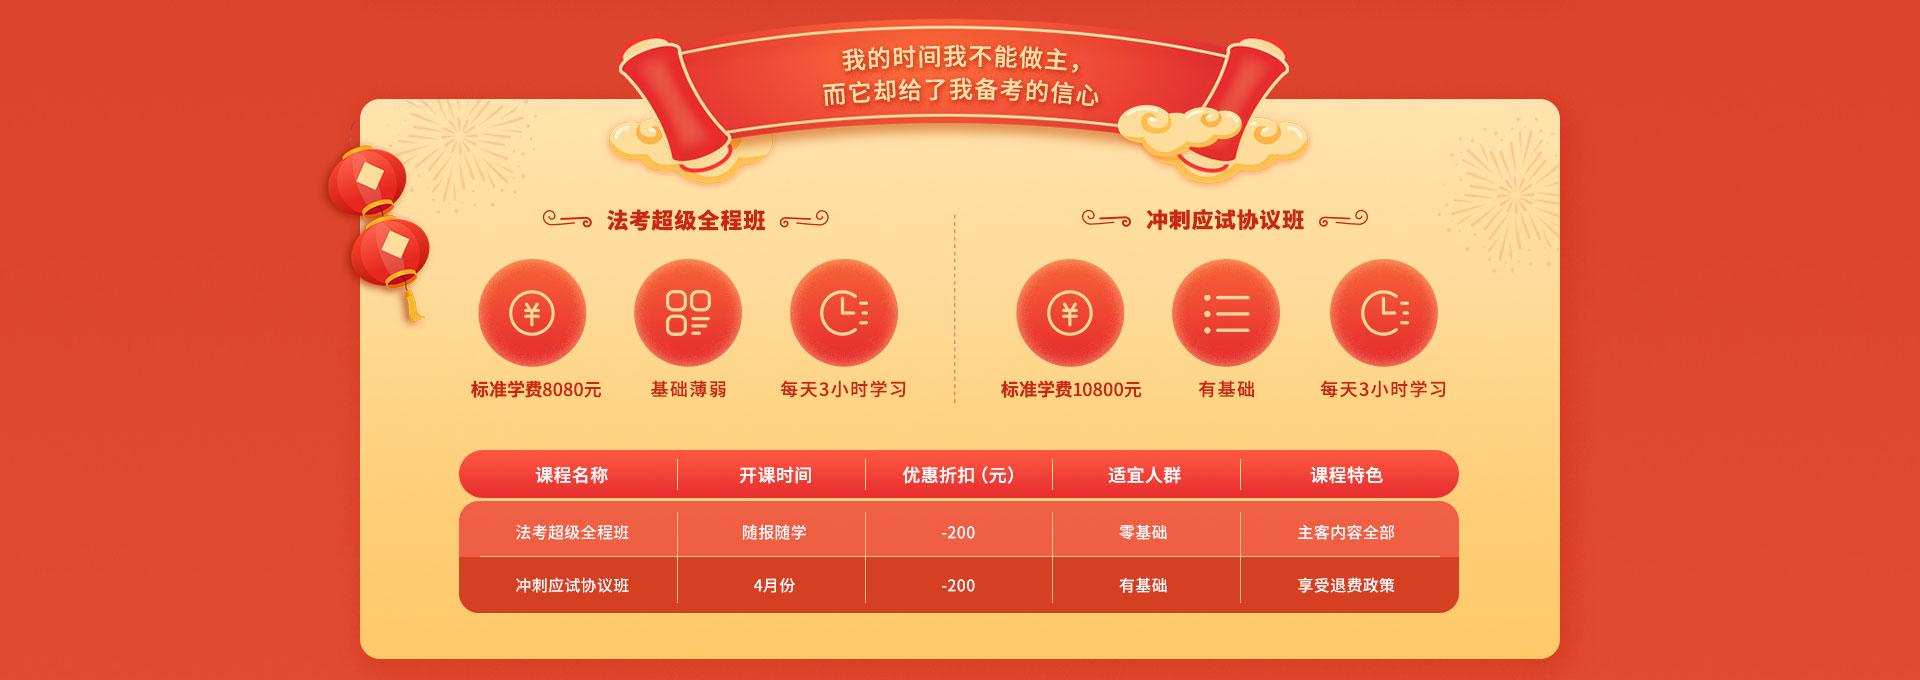 """PC页面-新春放""""价"""",携""""课""""回家1920x_03.jpg"""